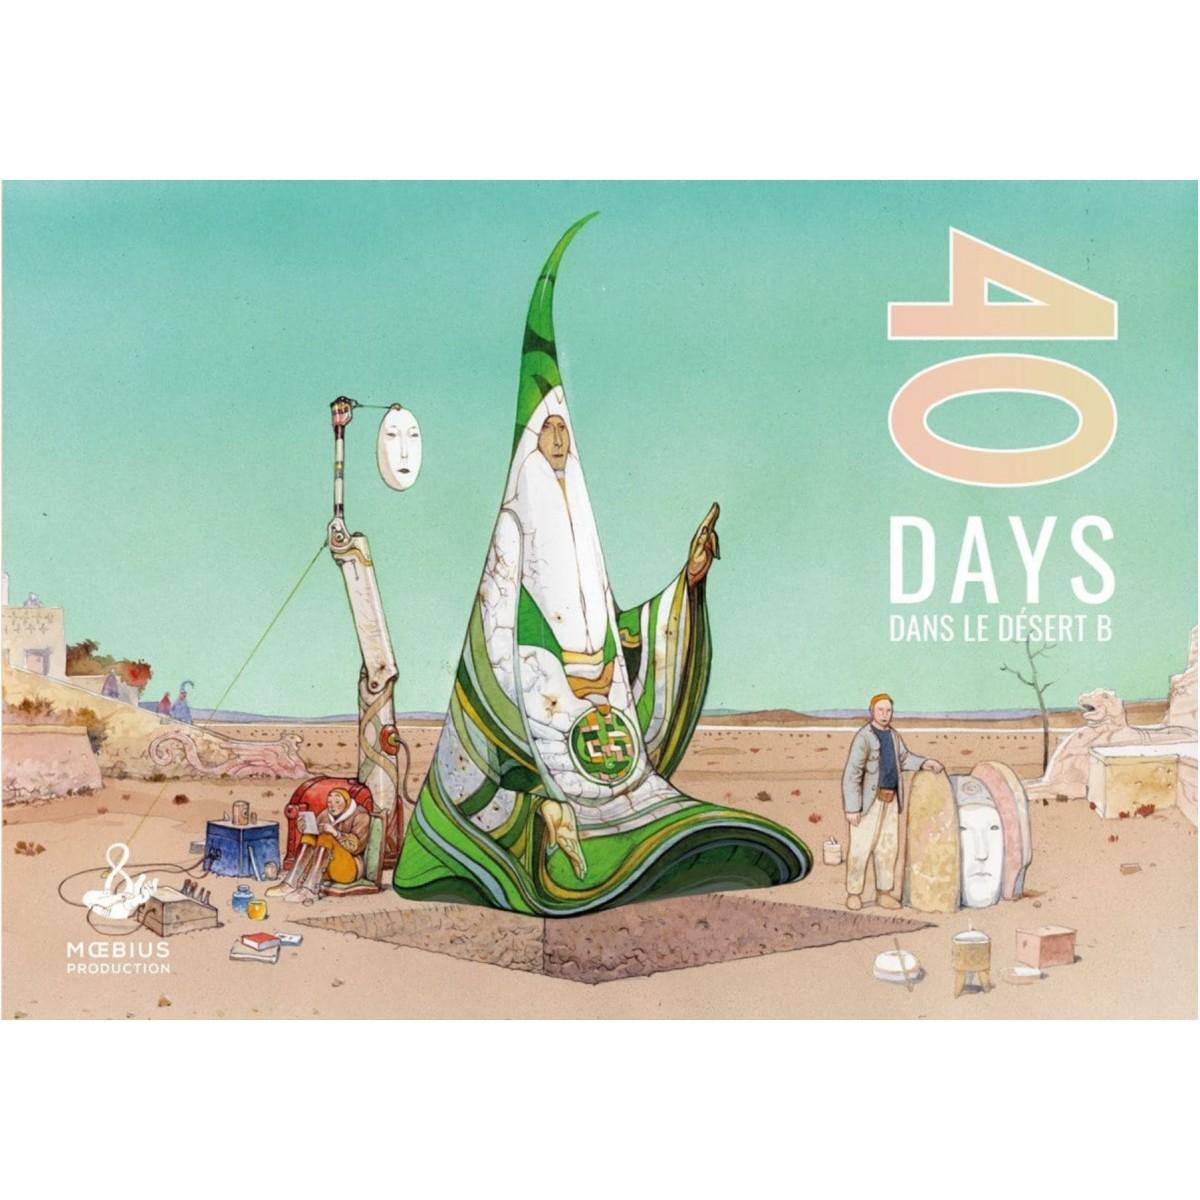 """Jean Giraud """"Moebius"""" - 40 Days dans le désert B (FR)"""